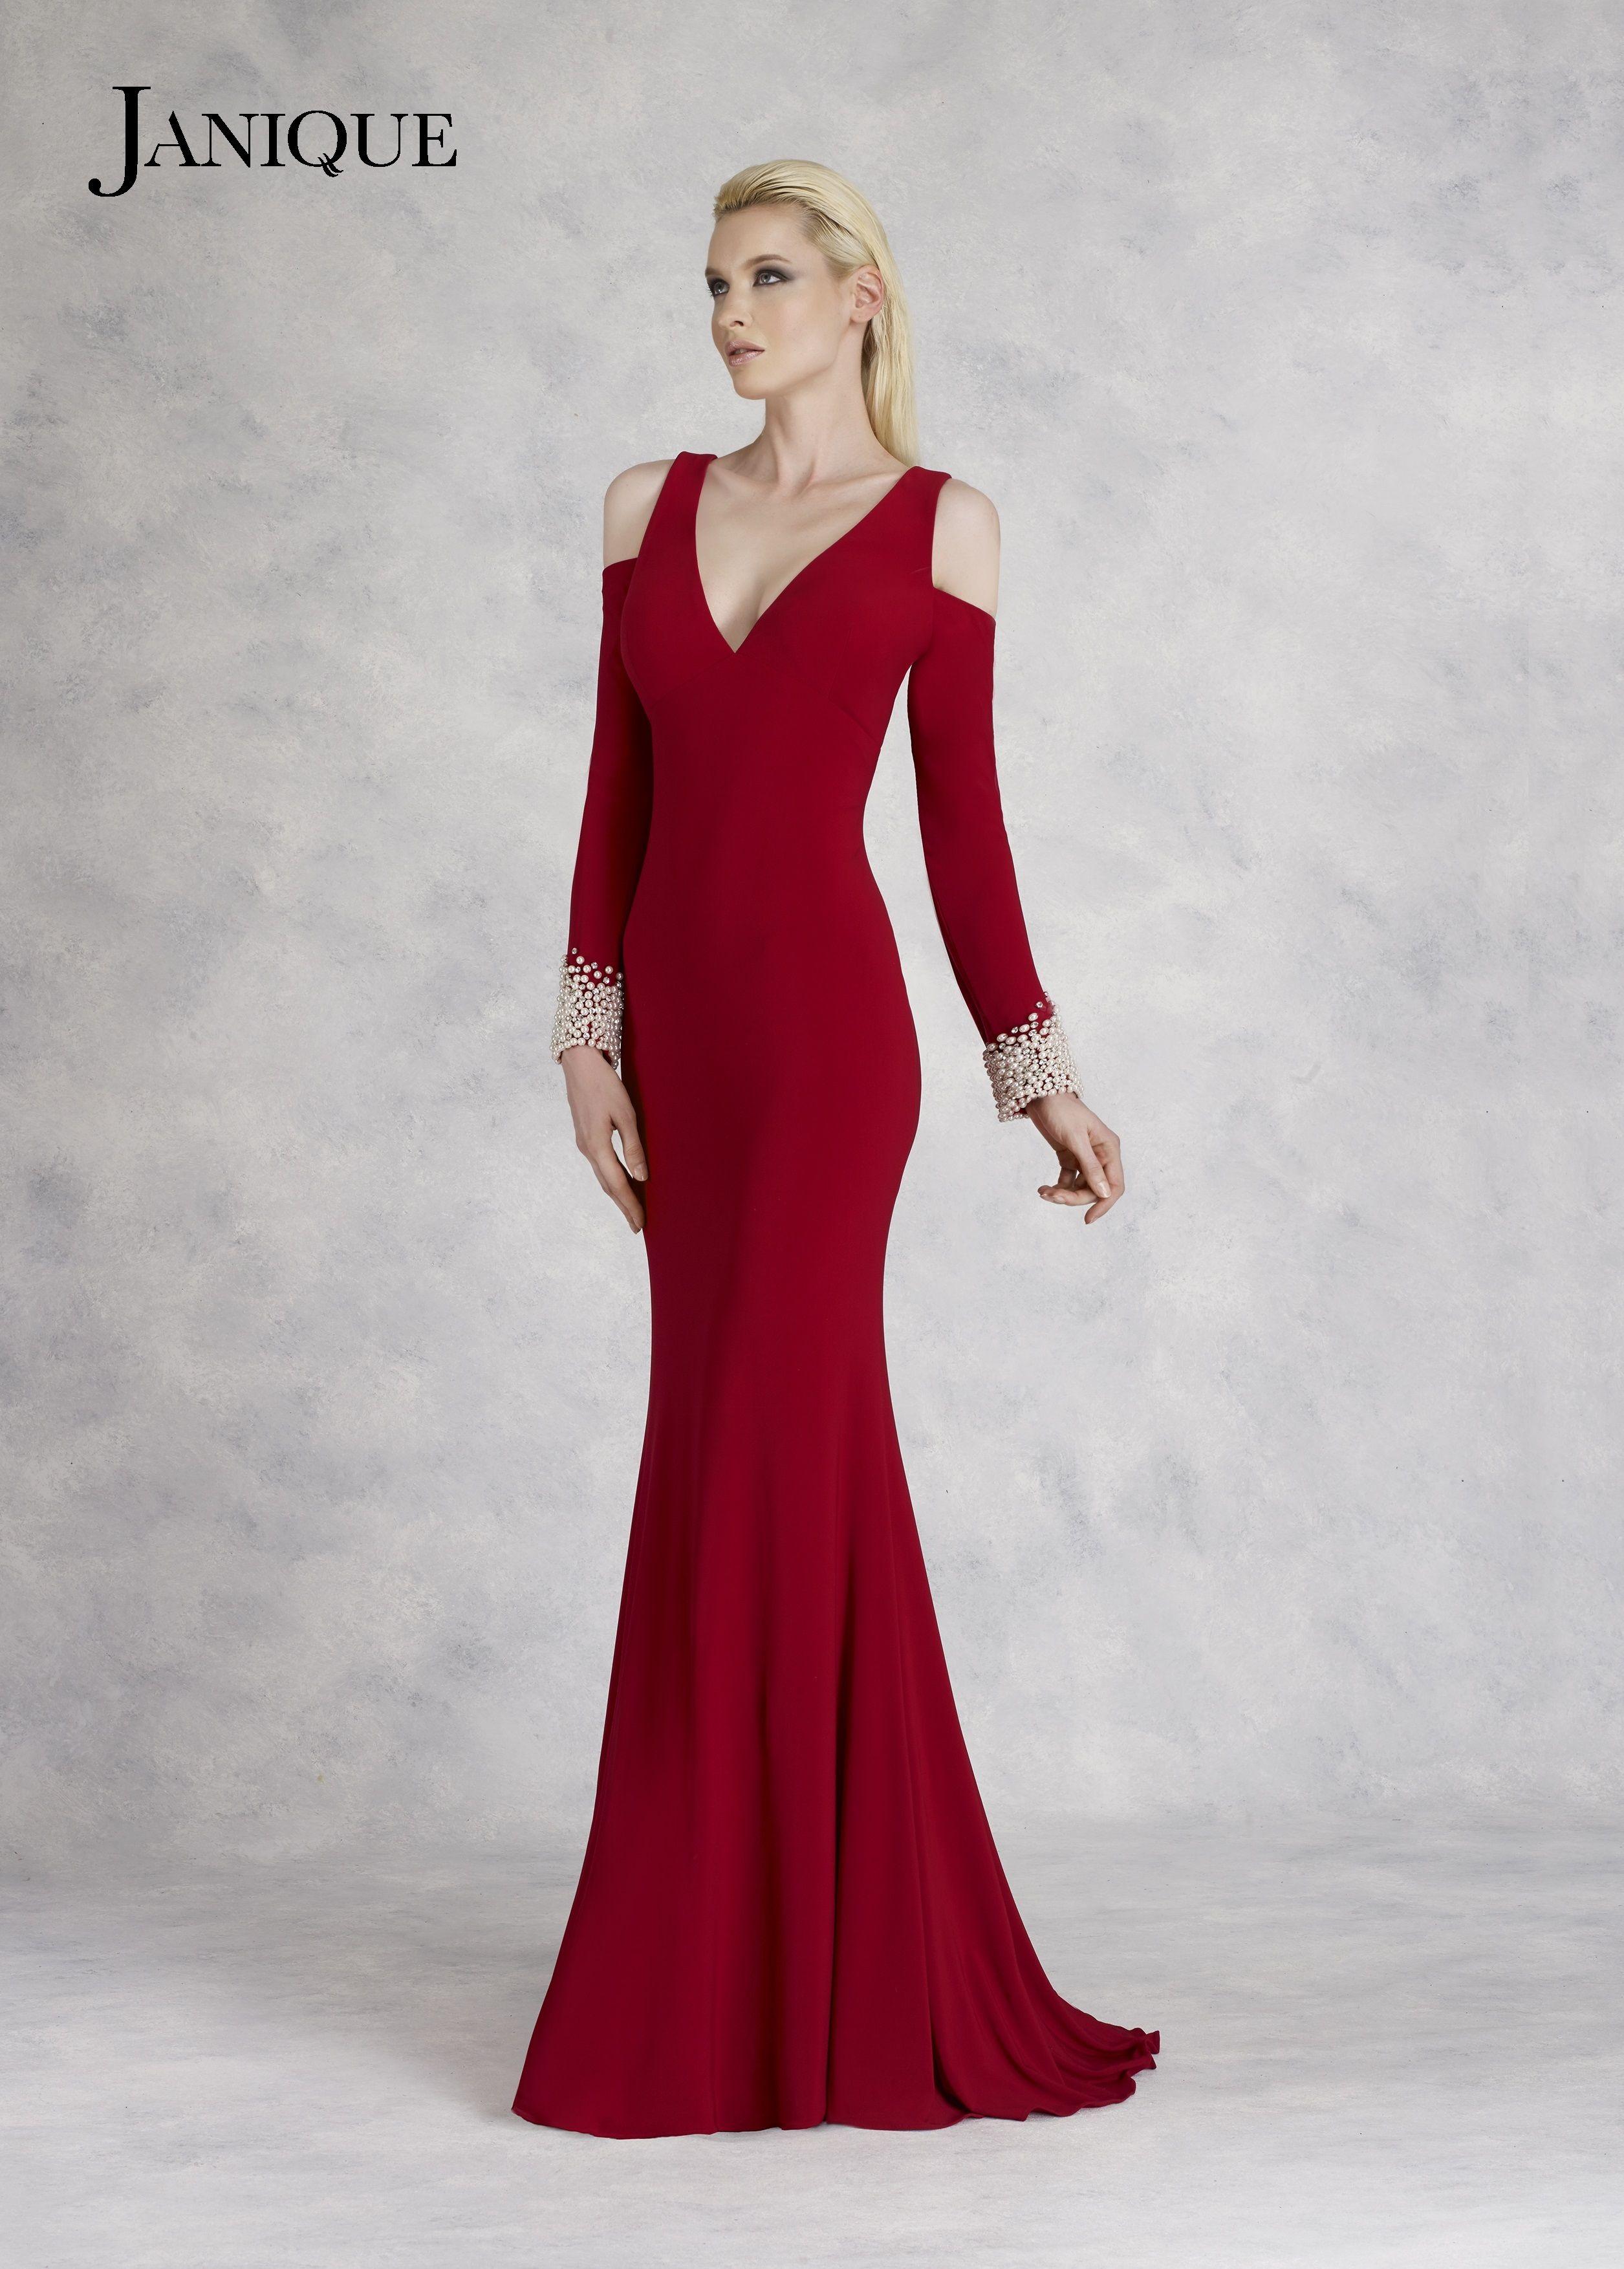 Janique k dress collection coldshoulder long sleeves